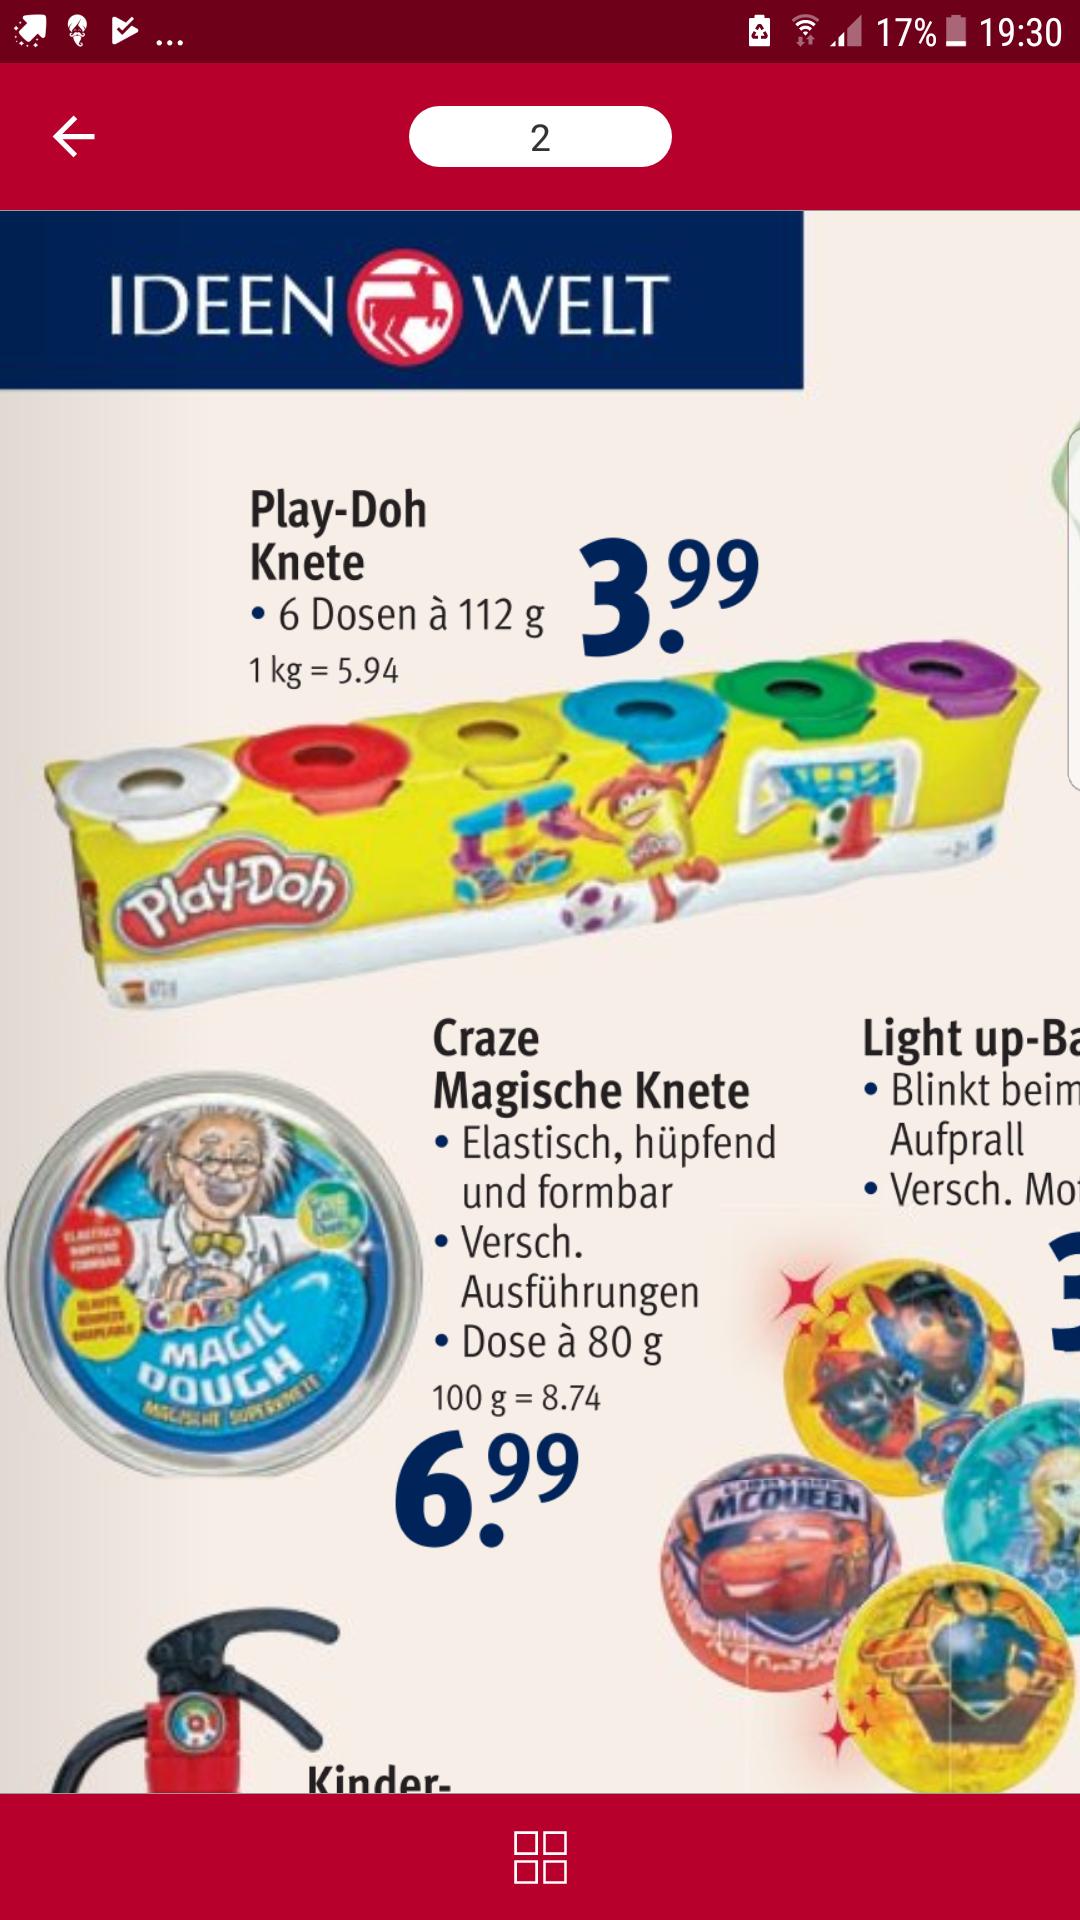 [Rossmann] Hasbro Play-Doh Knete 6er Set Grundfarben bei Rossmann (lokal; durch 10% App Coupon)